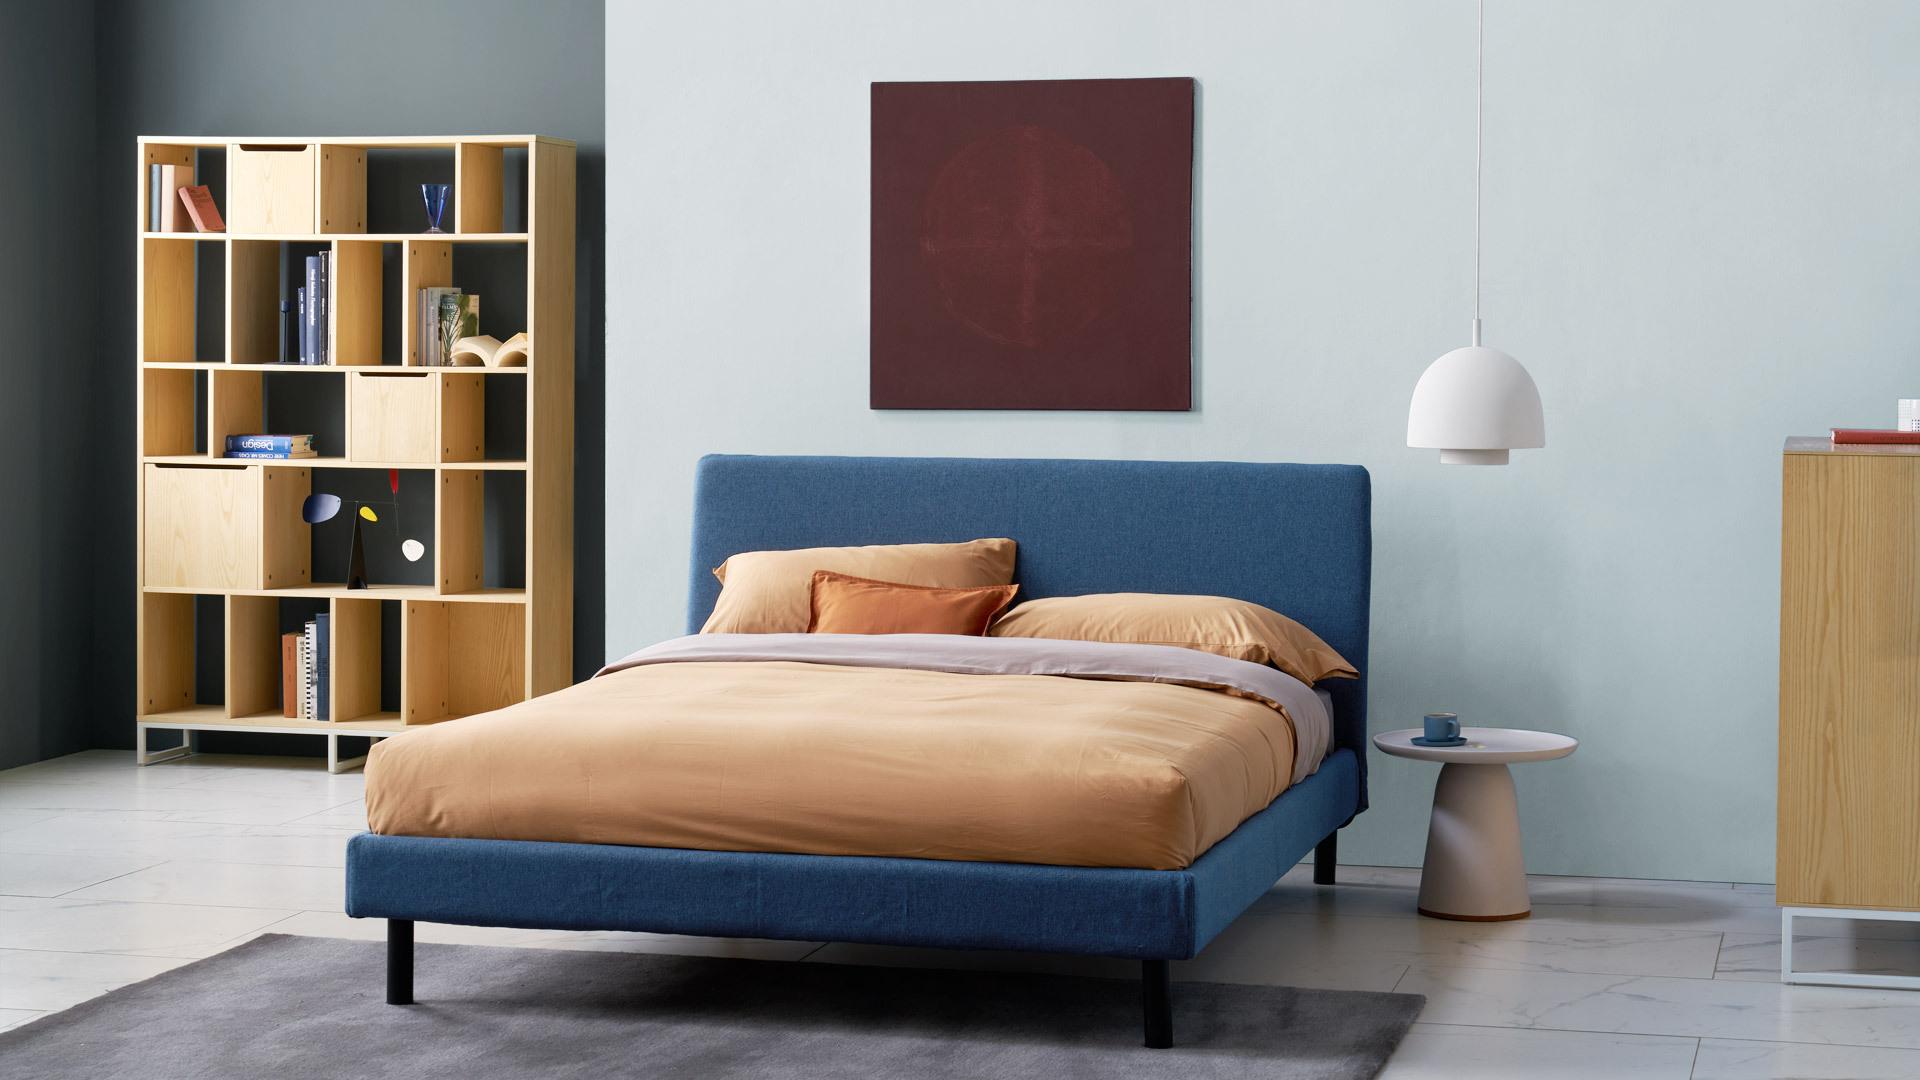 平衡美感与舒适感,给你赖床不起的理由